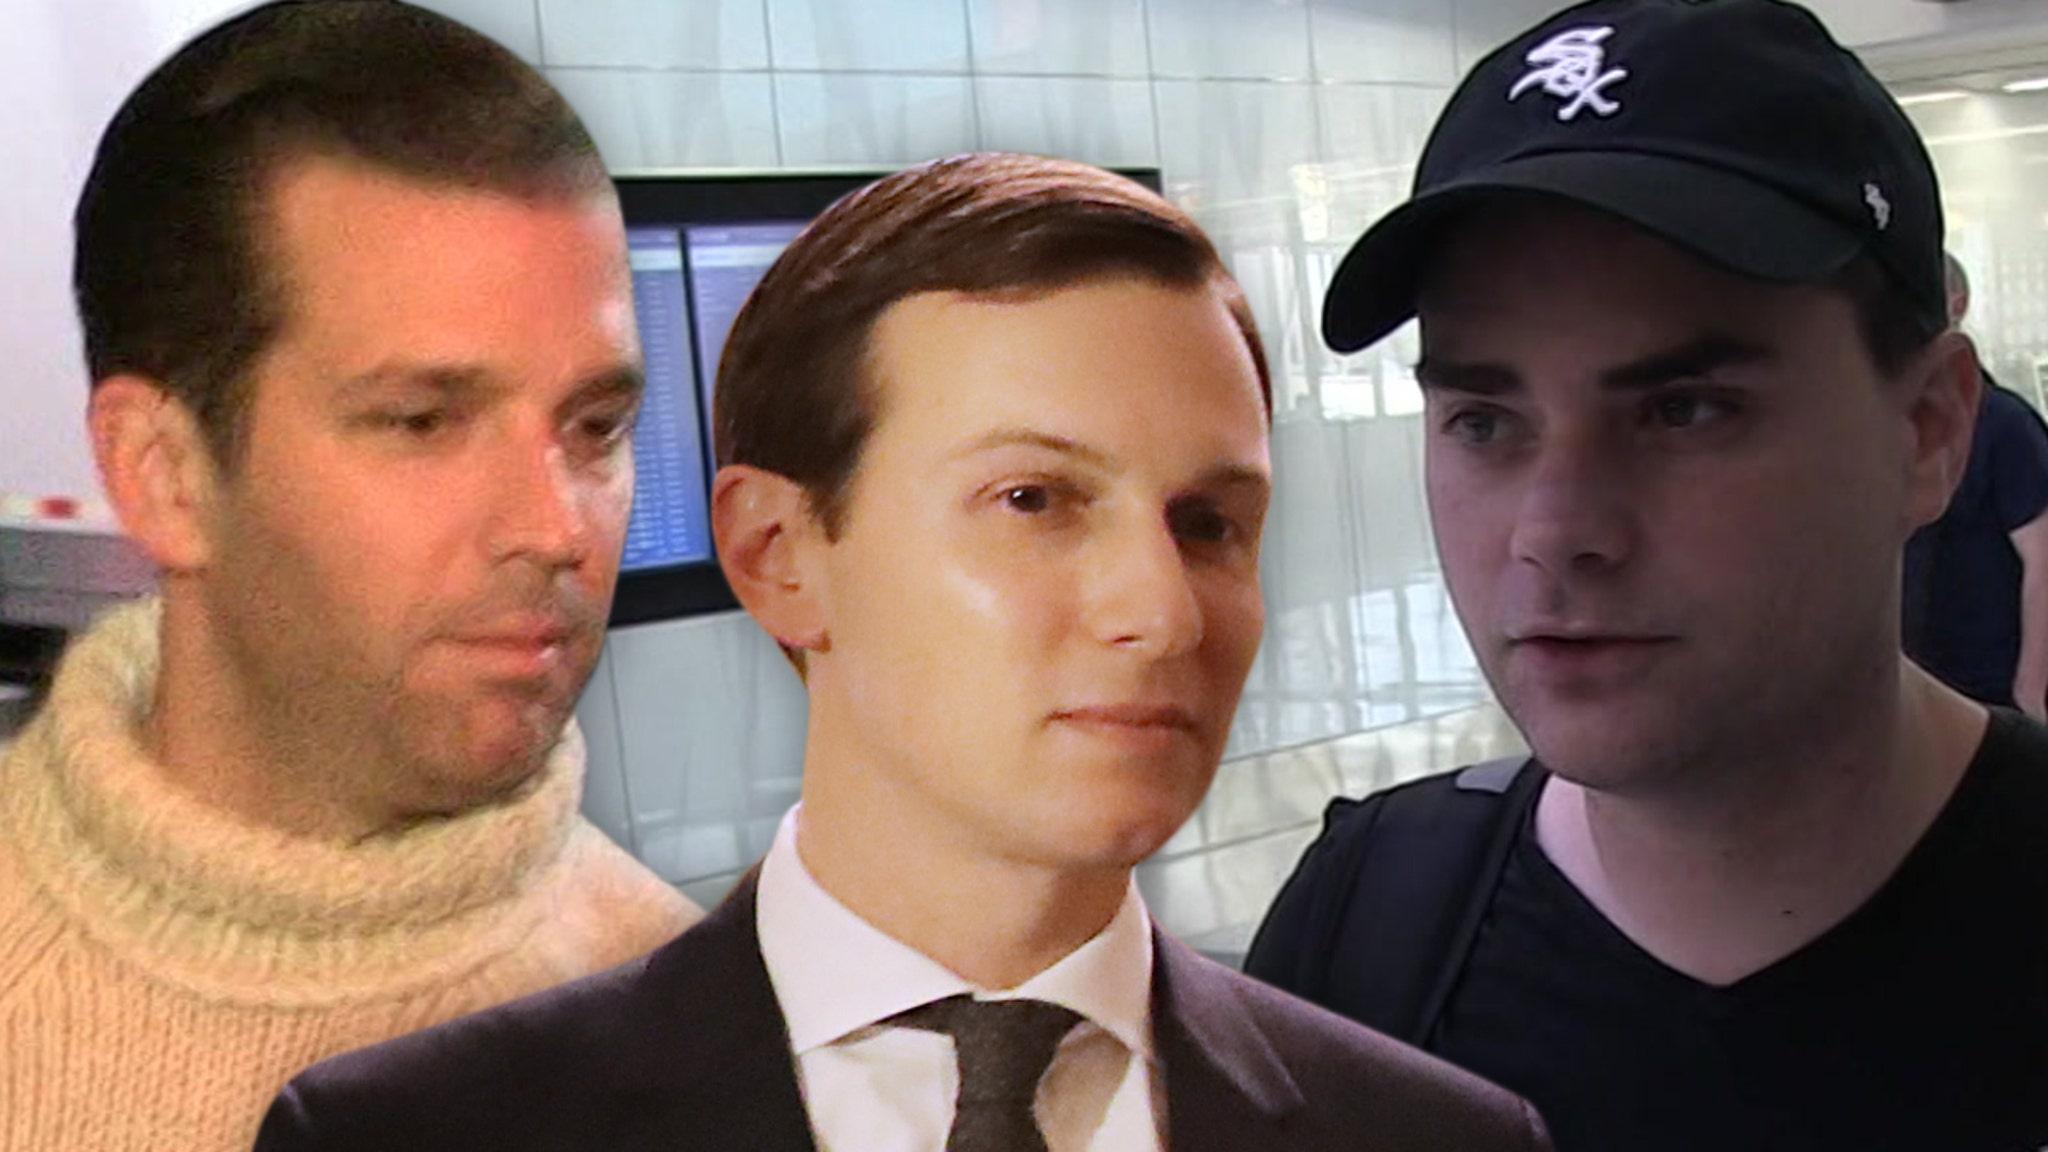 Donald Trump Jr., Jared Kushner Also Targeted By Ben